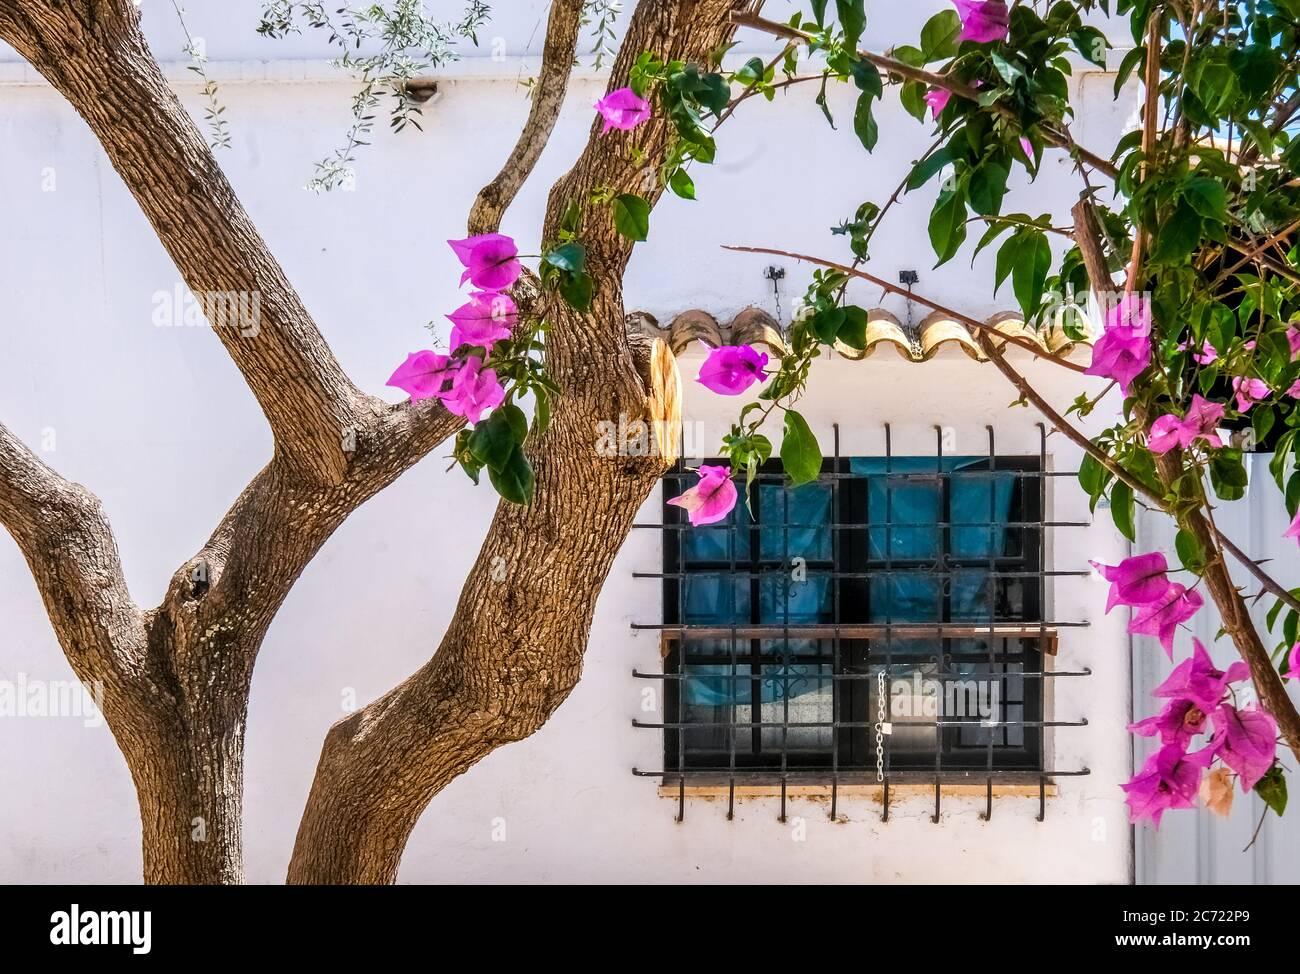 Olivenbaum und blühende Bougavilla in einem Hinterhof im Ferienort Cala d'Or an der Südostküste von Mallorca. Fenster mit Fenstersperre, Santanyí, Europa Stockfoto